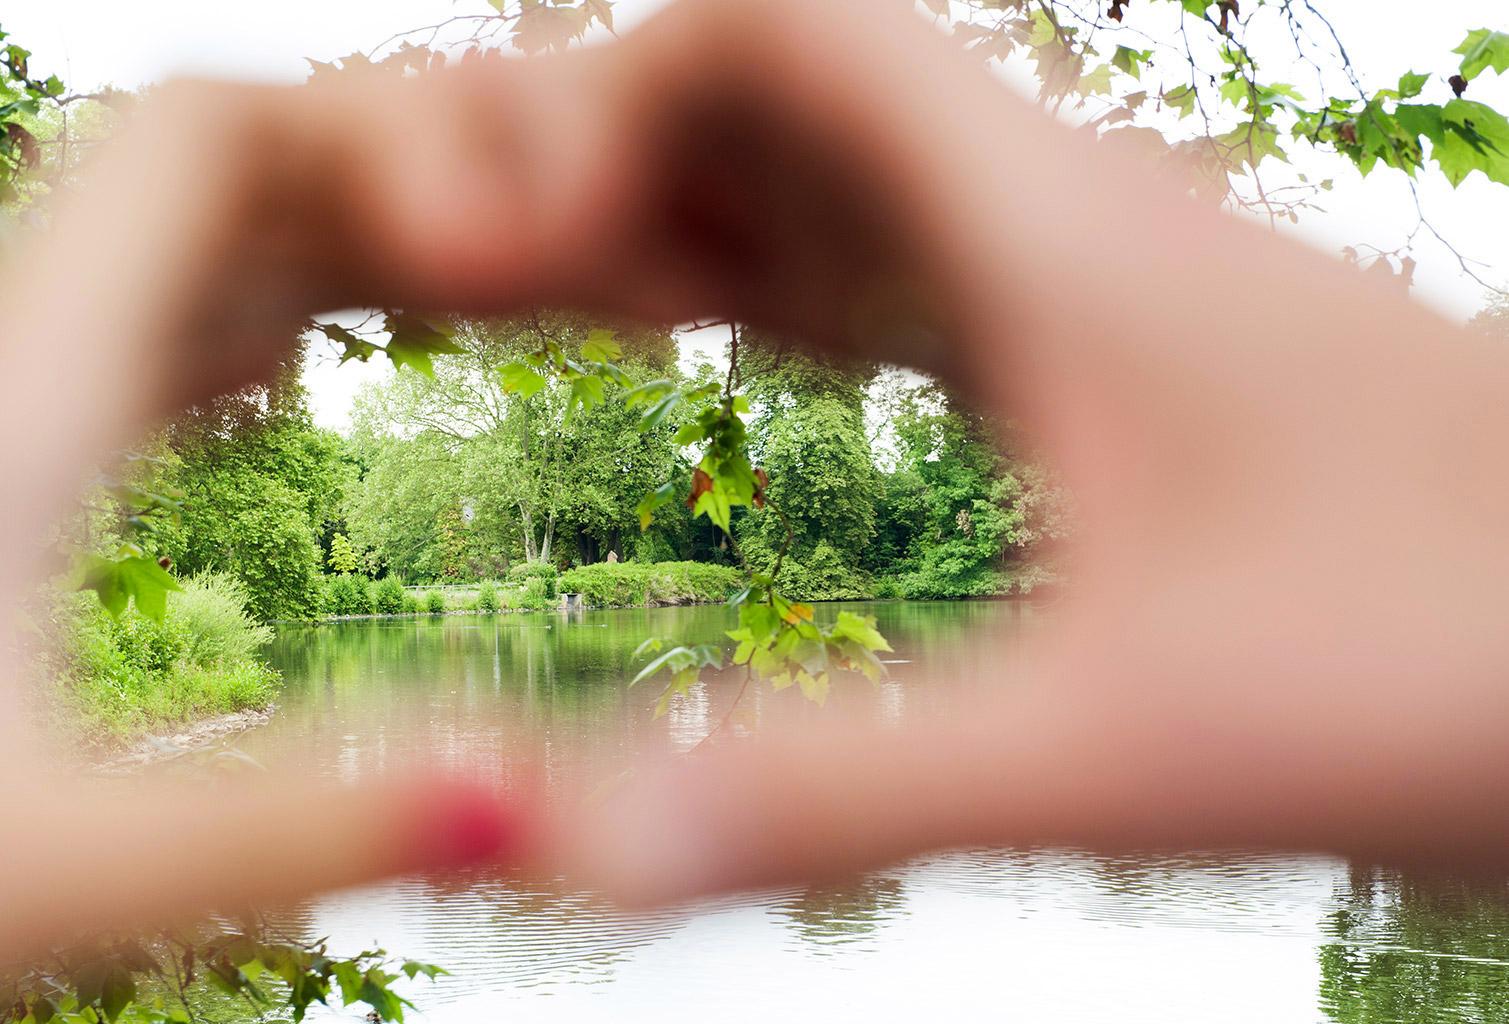 Hochzeitsfotografie Honeylight: Romantisches Herz in Dortmund Rombergpark